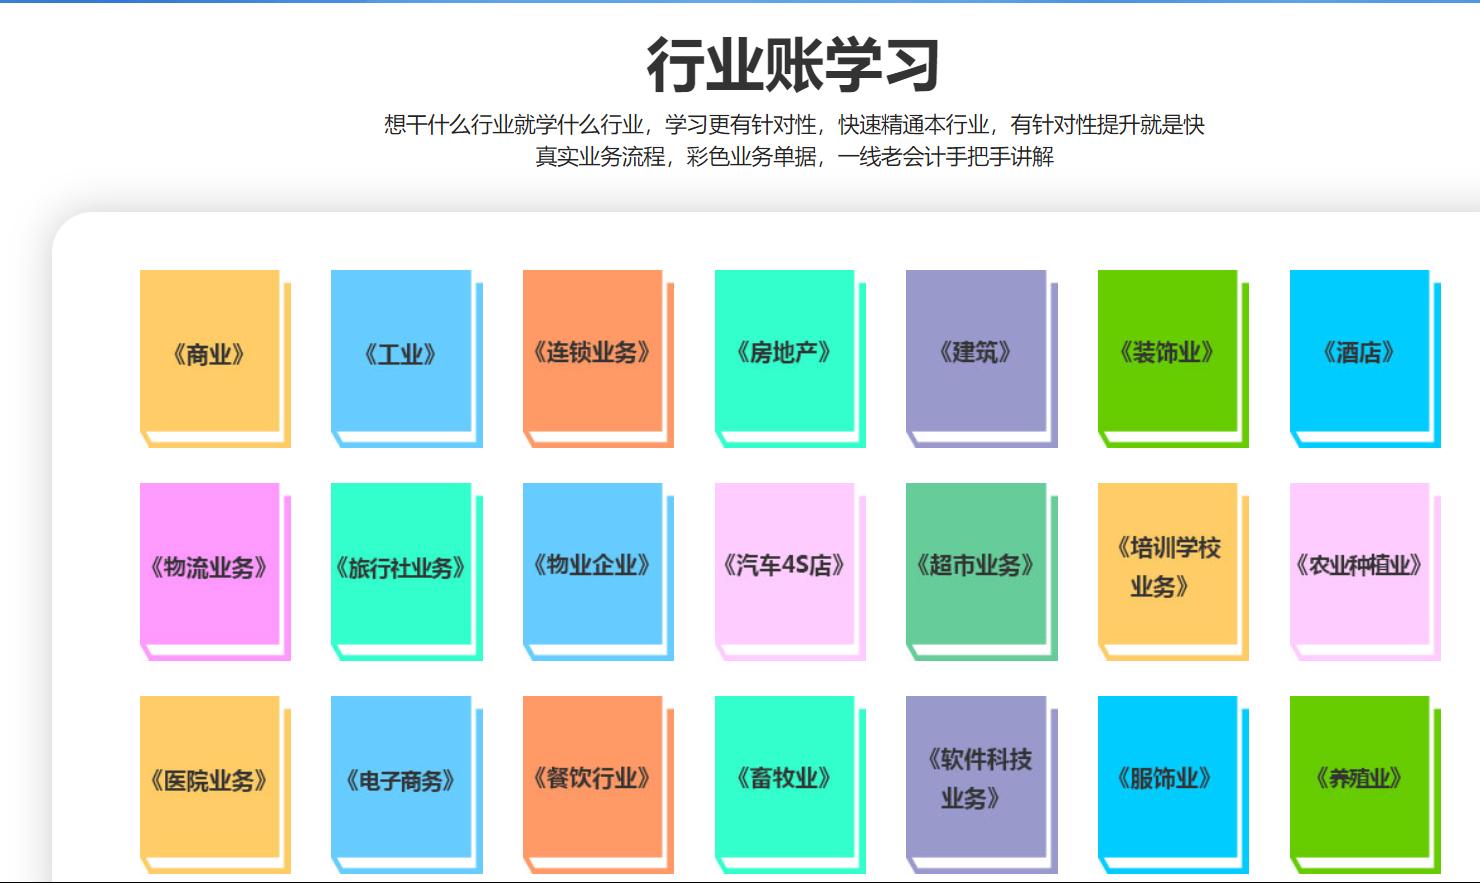 荆州会计学校推荐